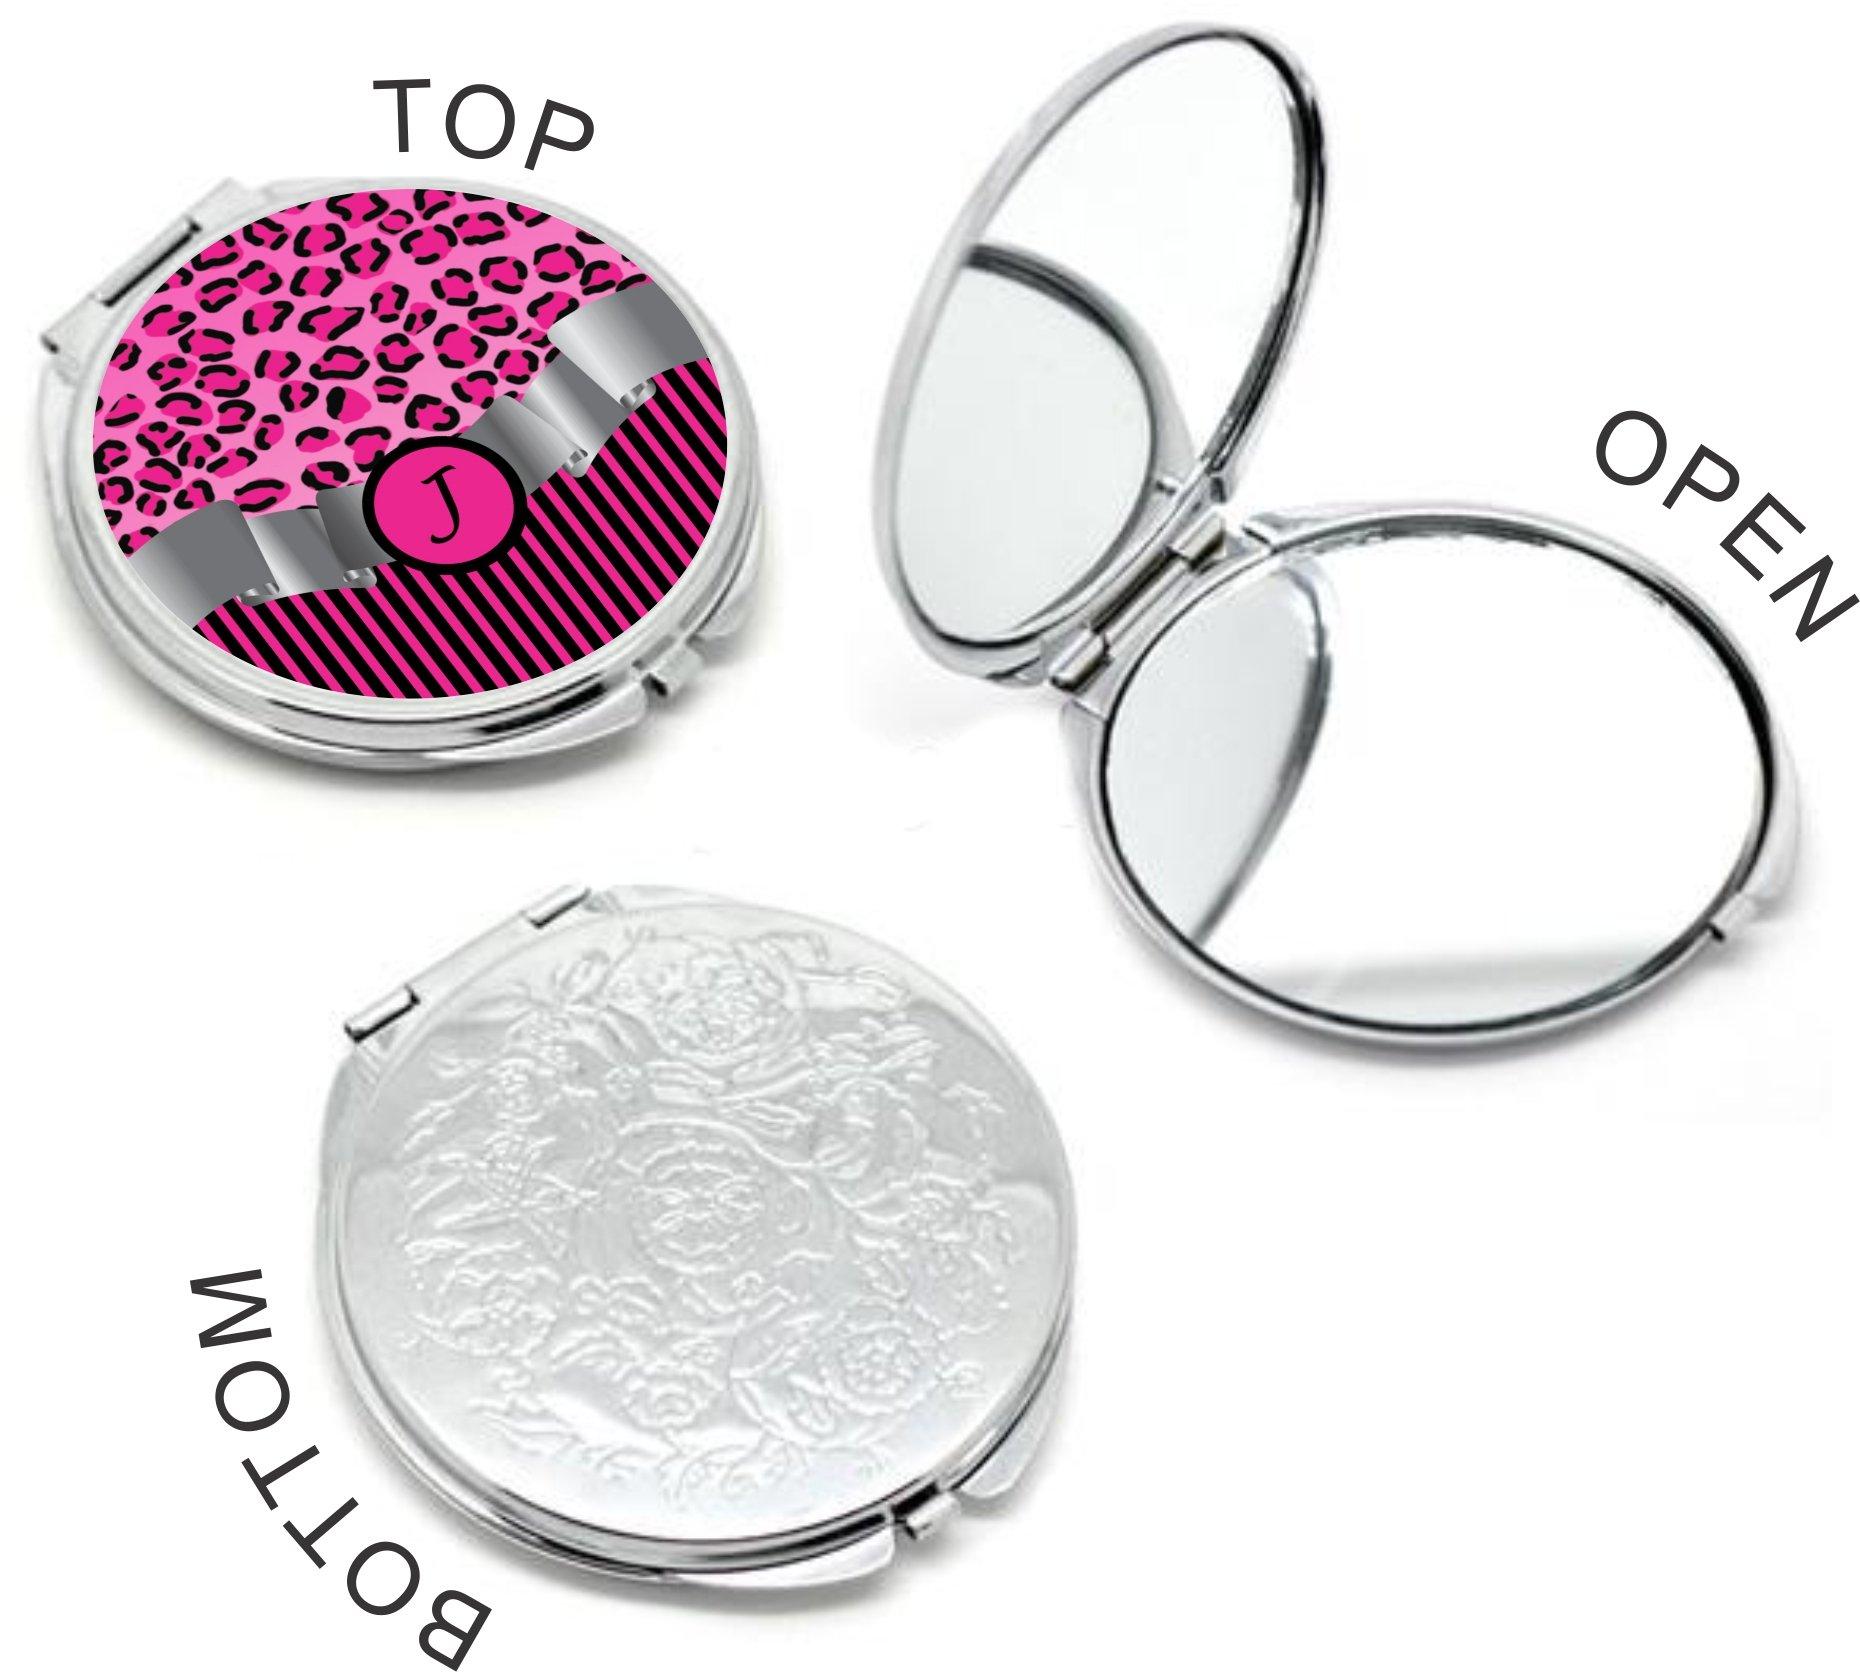 Rikki Knight Letter''J'' Hot Pink Leopard Print Stripes Monogram Design Round Compact Mirror